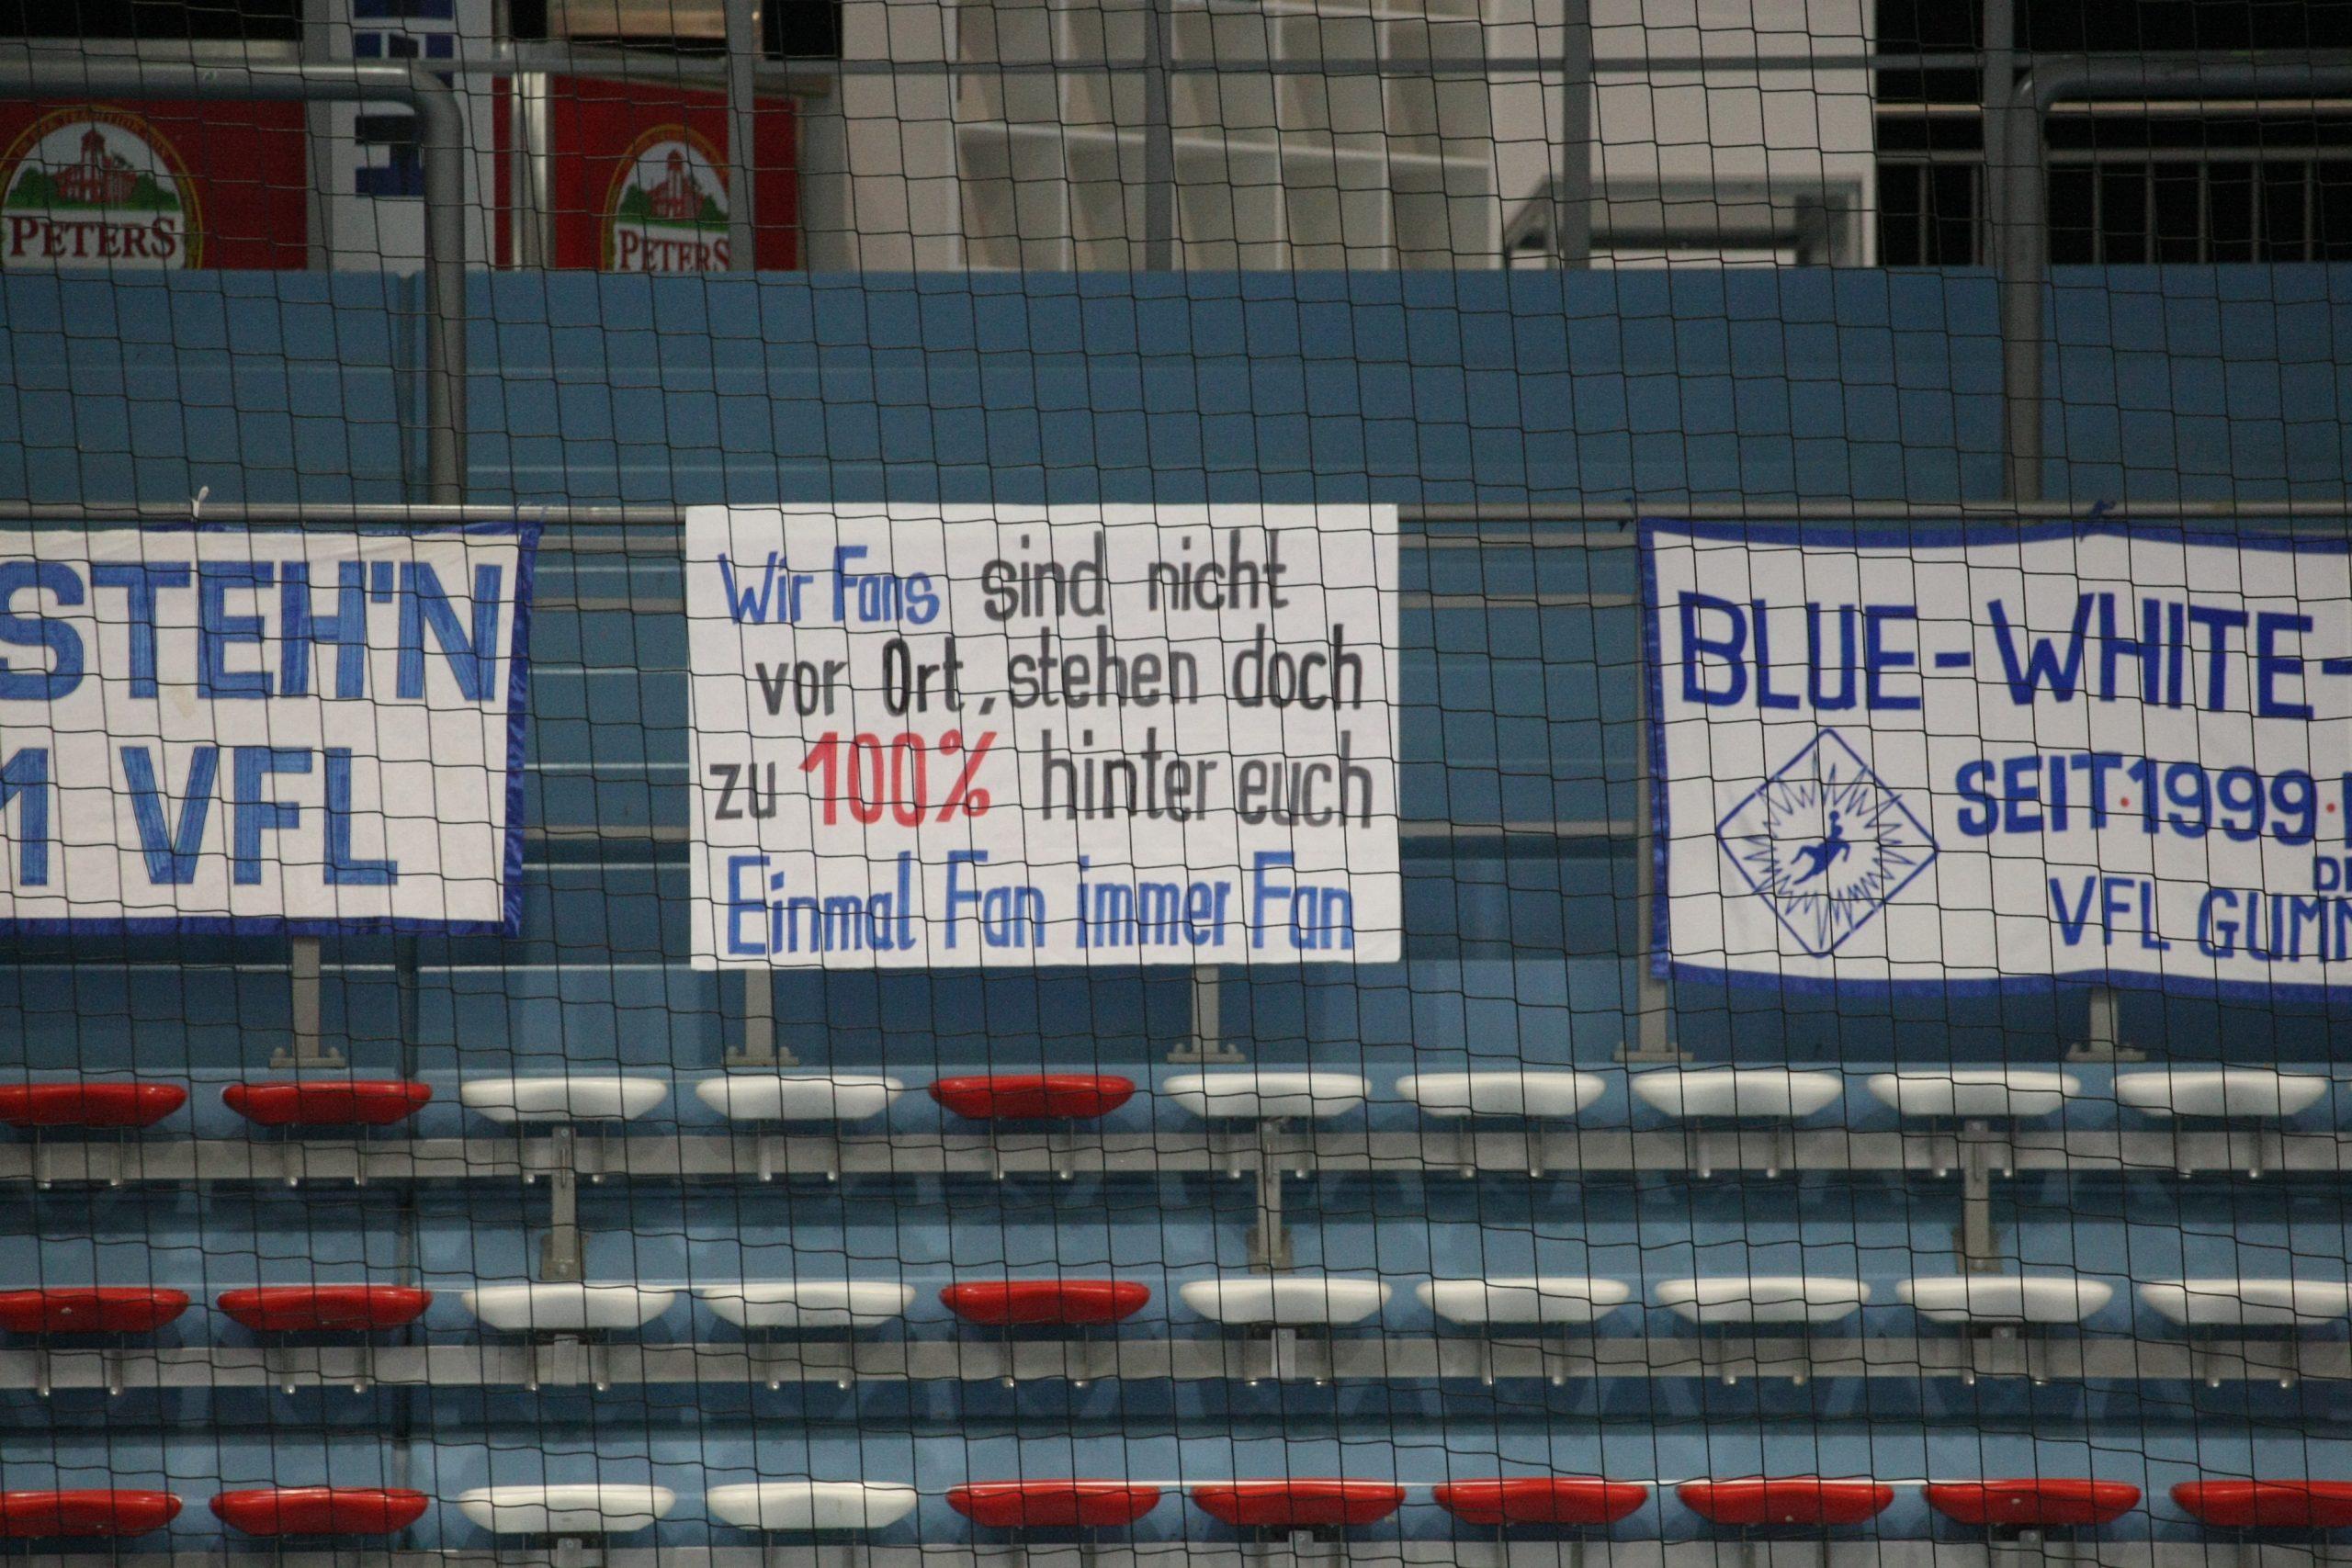 VfL plant mit bis zu 1.000 Zuschauern bei den letzten beiden Heimspielen